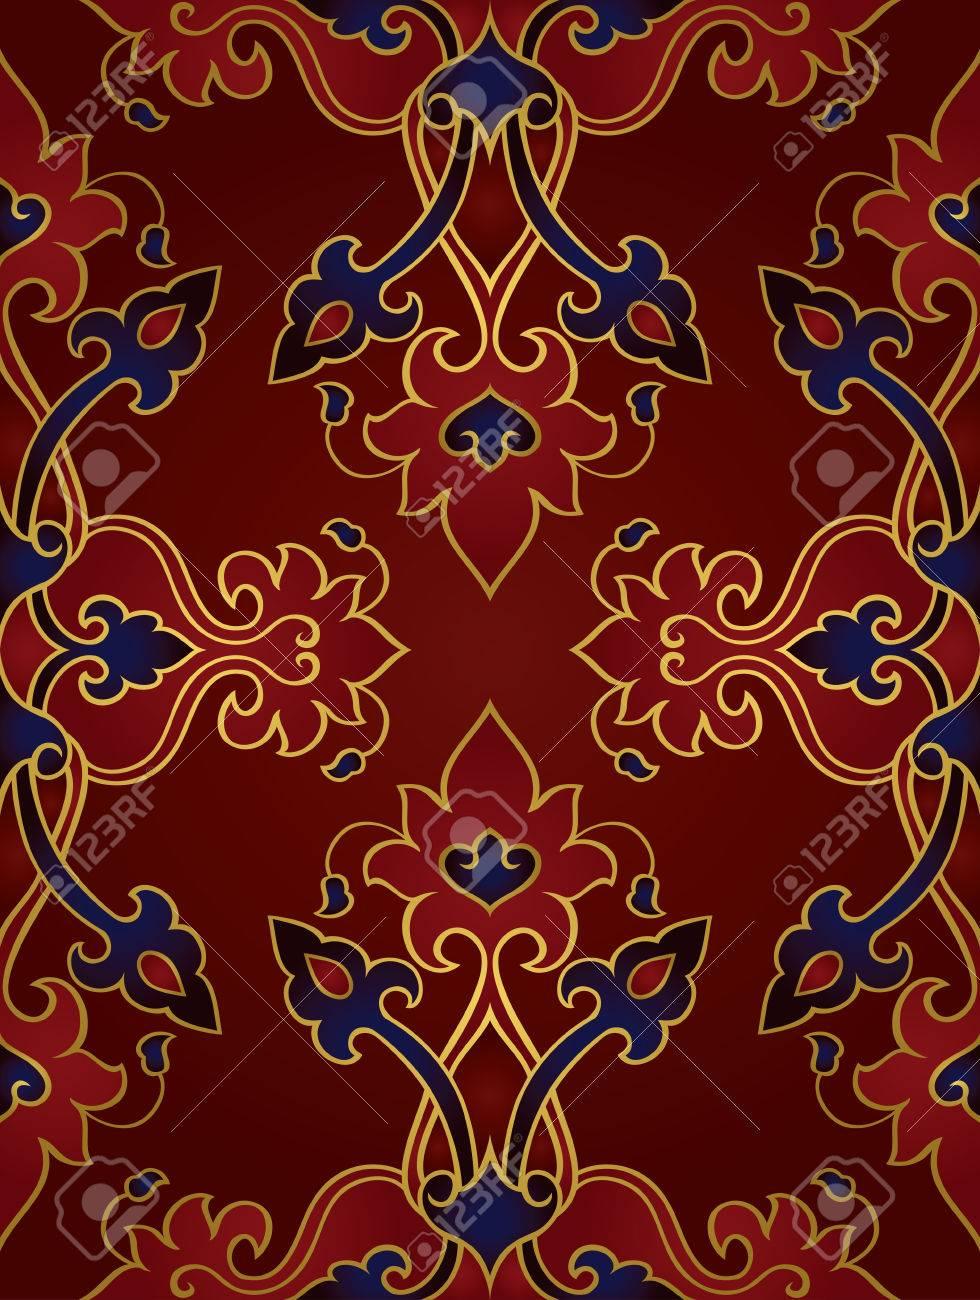 Oriental Ornement Abstrait Modele Pour Les Tapis Papier Peint